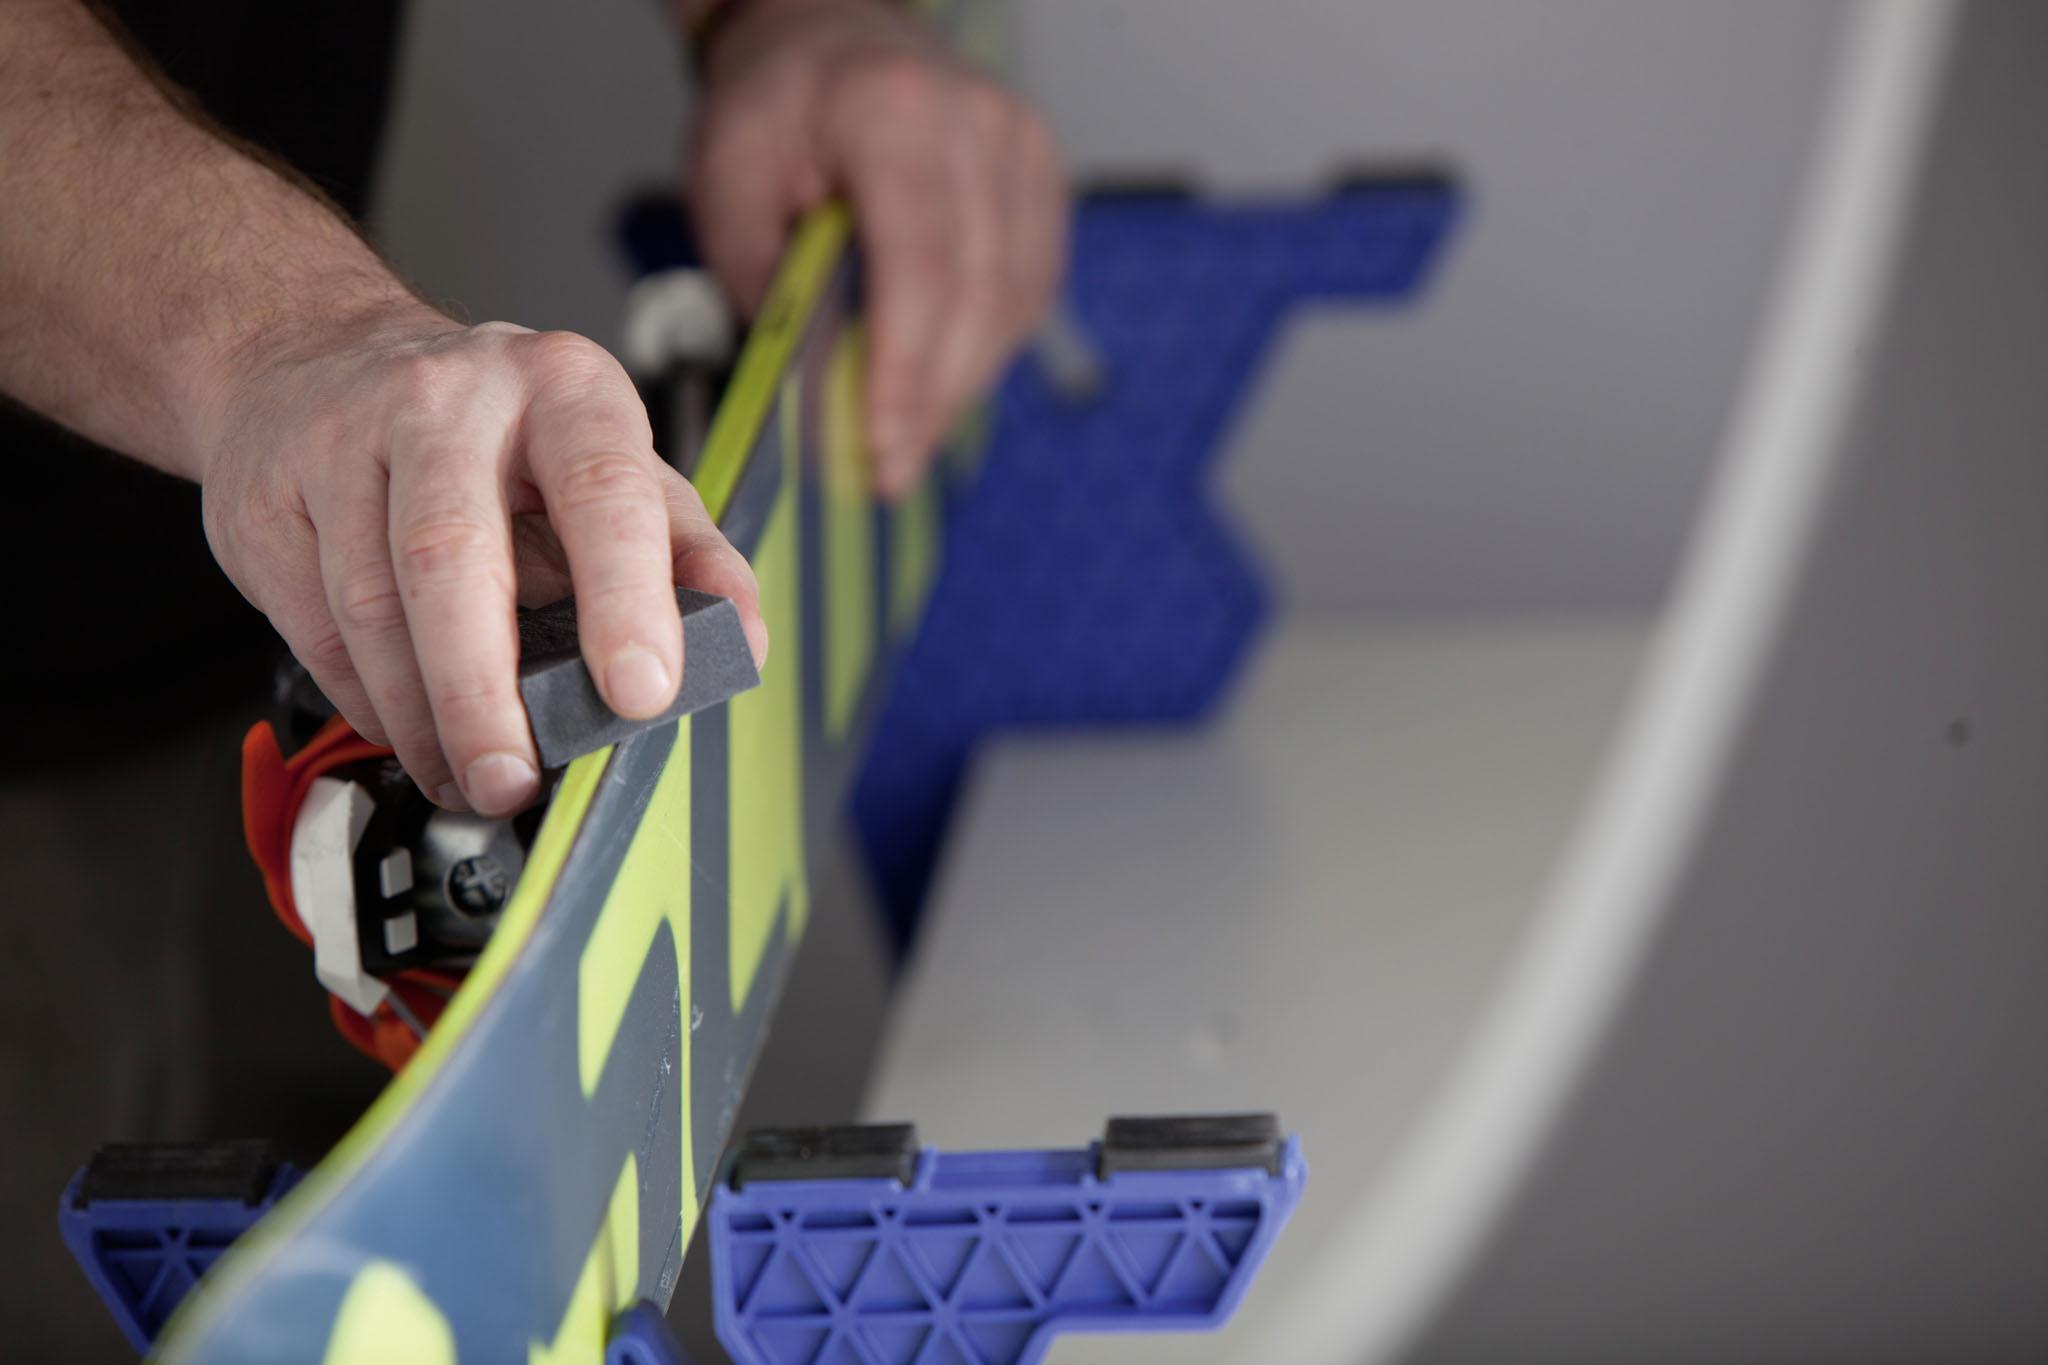 Ein Schleifgummi ist am besten für das Abschwächen der Kanten an Tip und Tail geeignet.